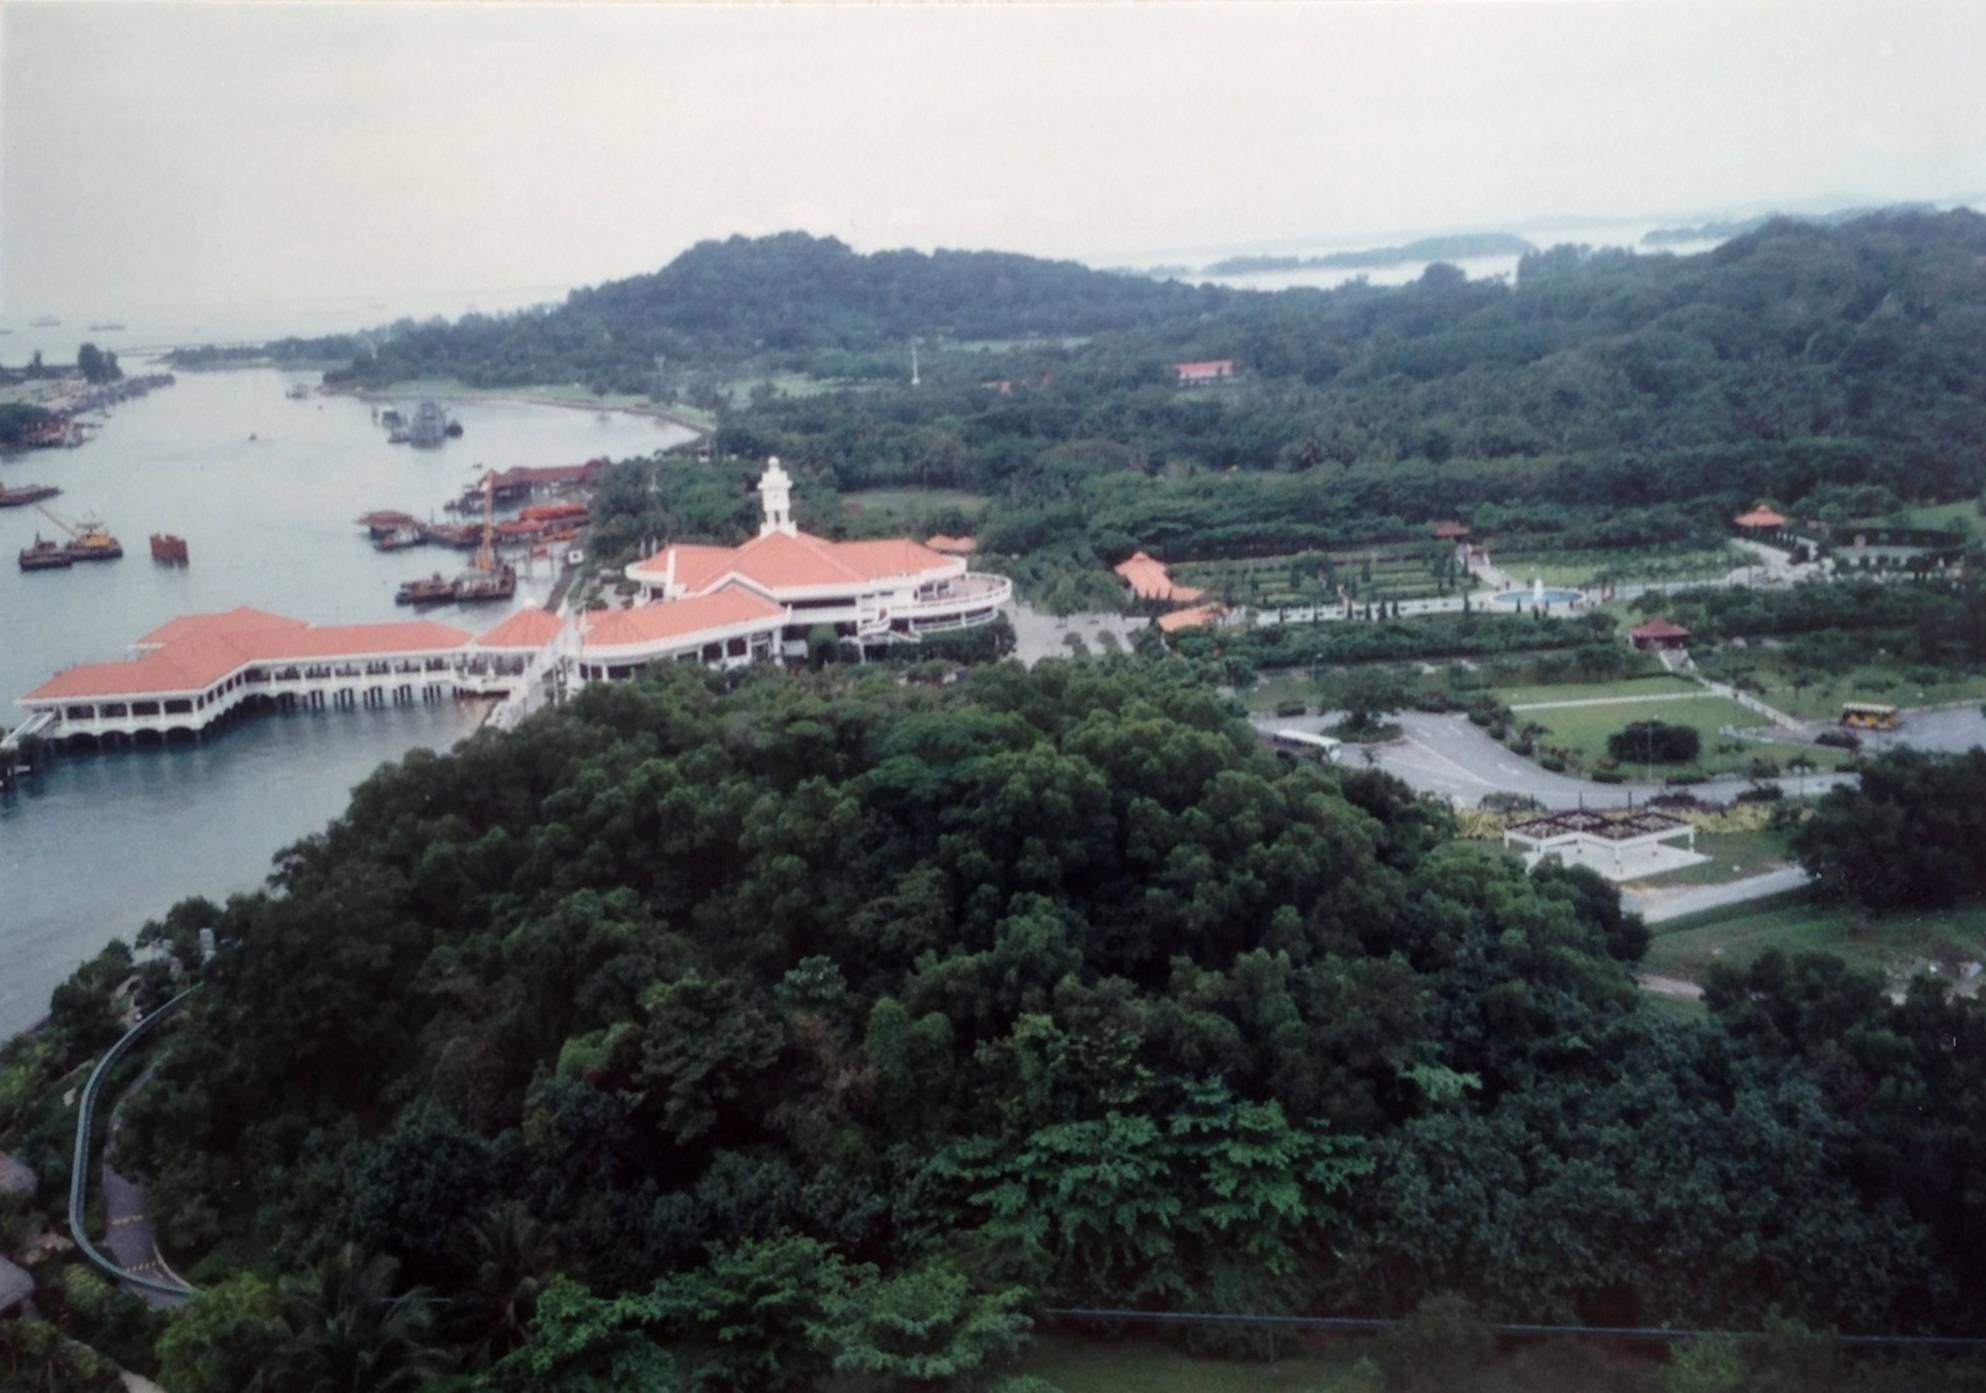 Singapur aynı zamanda çok temiz ve çok güzel bir yer. Sentosa Adası Singapur'un çekim merkezi.